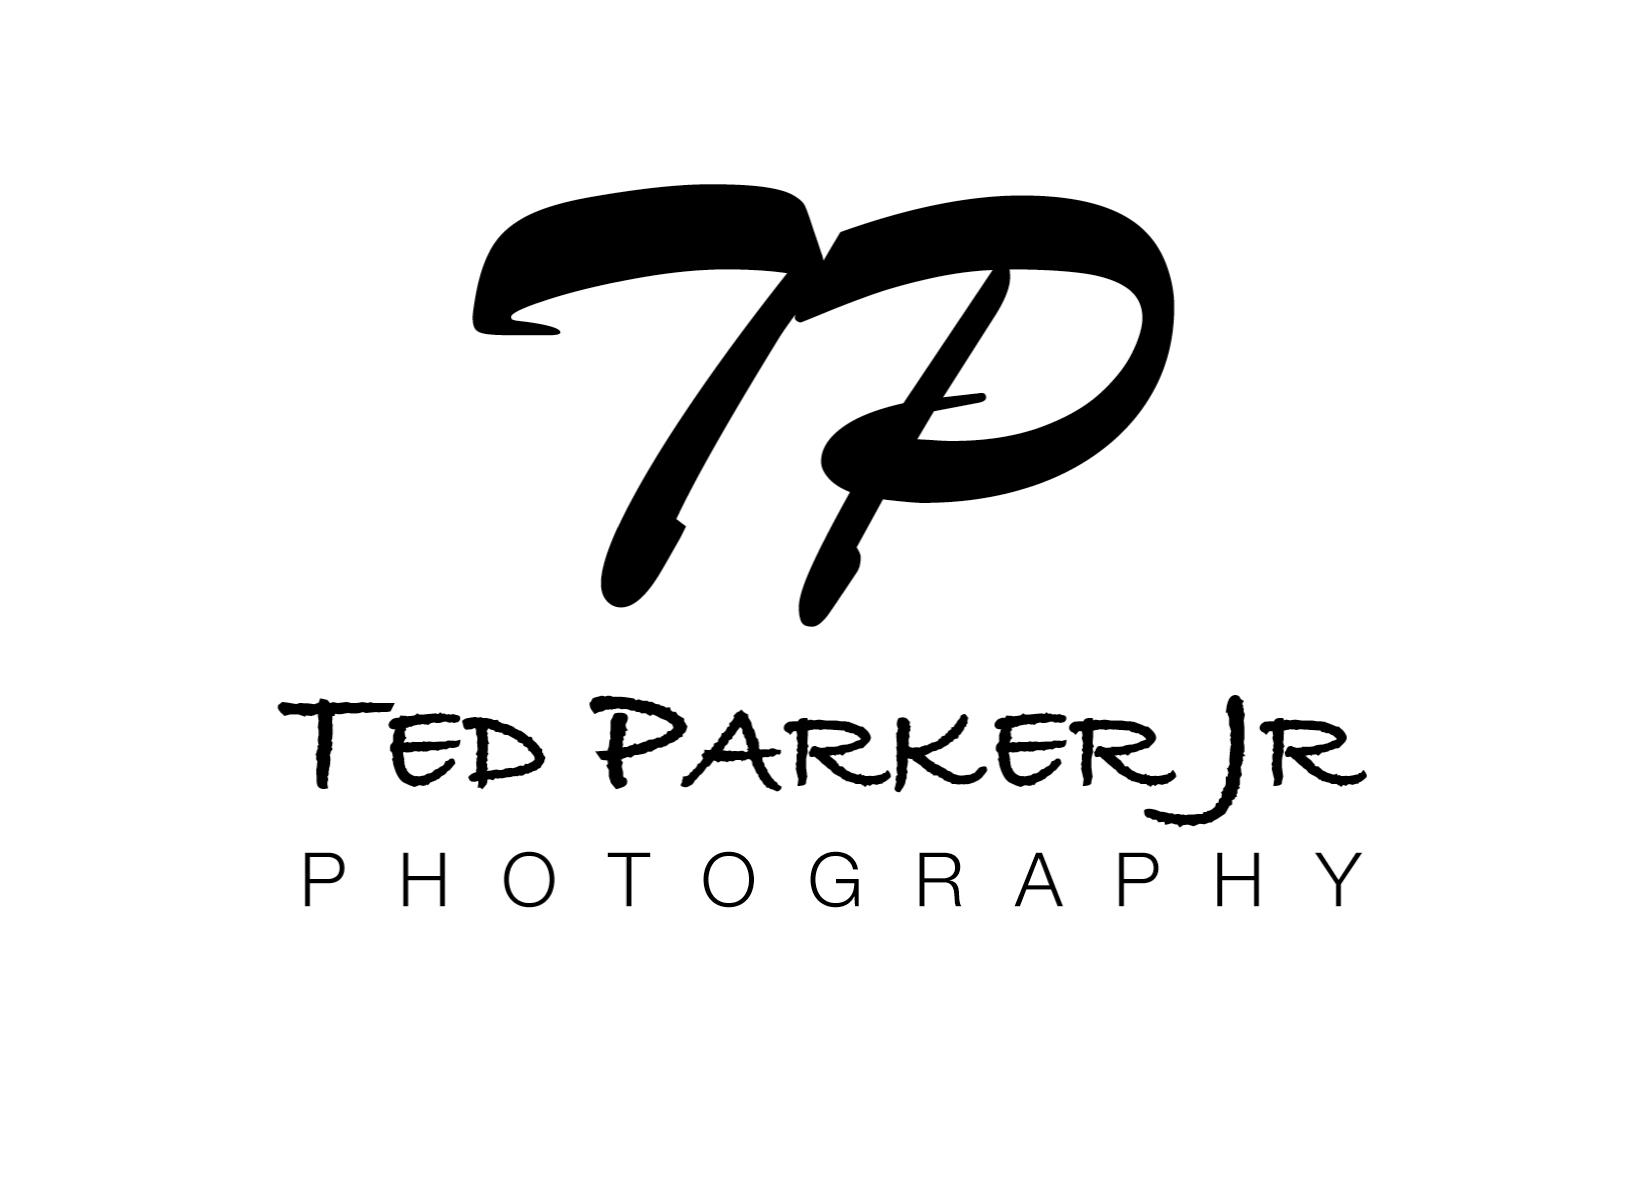 Ted Parker, Jr.